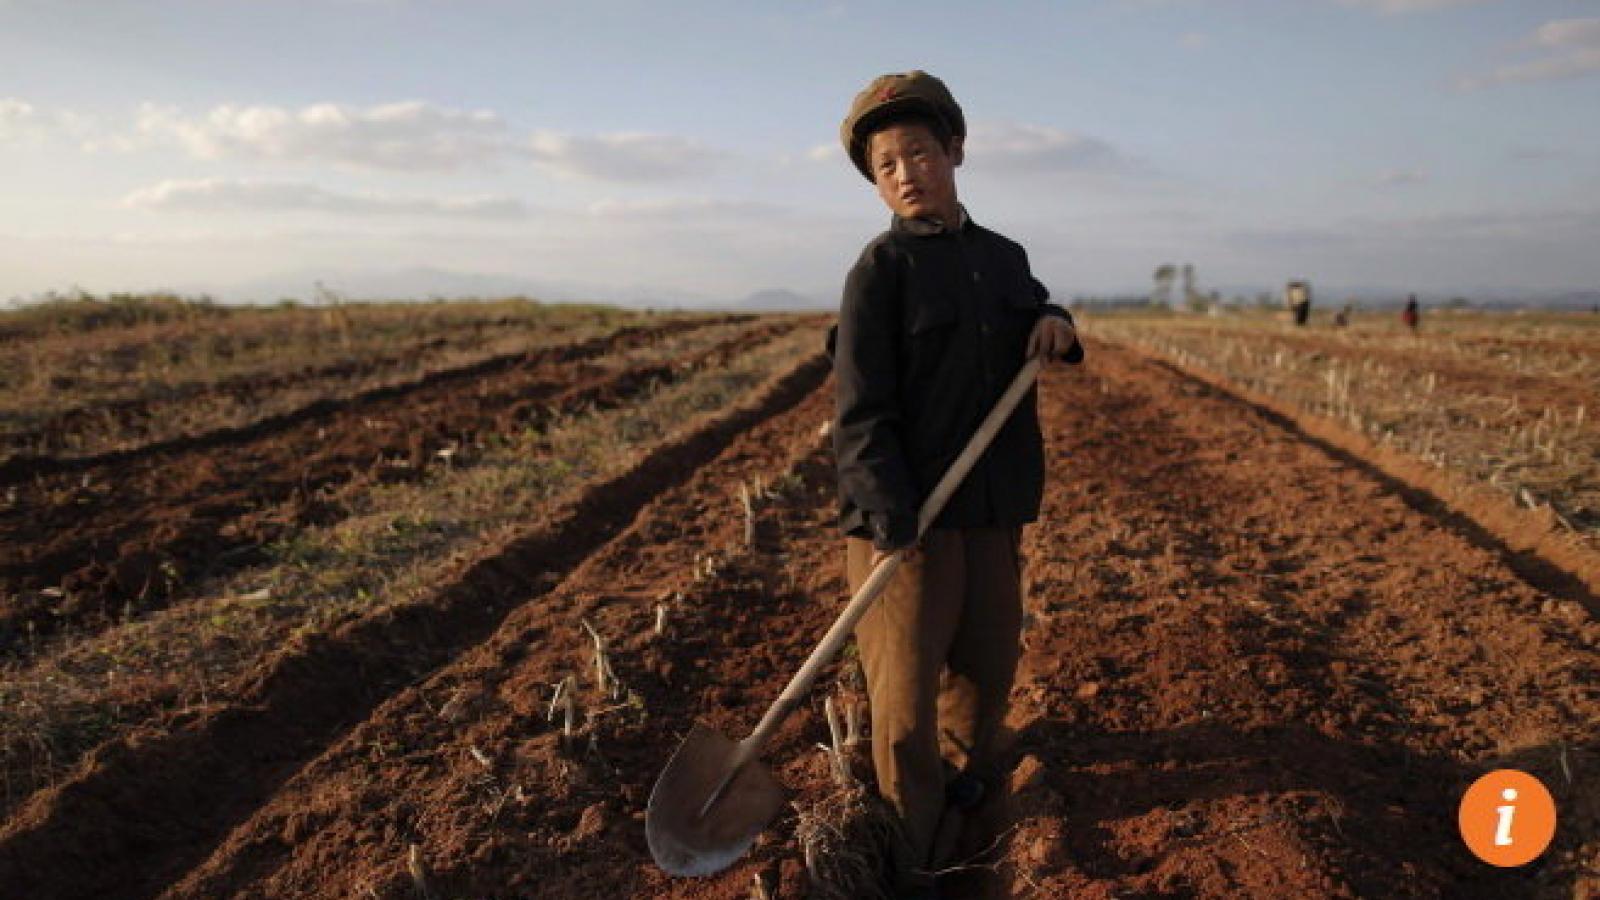 Triều Tiên có thể thiếu gần 1 triệu tấn lương thực trong năm nay